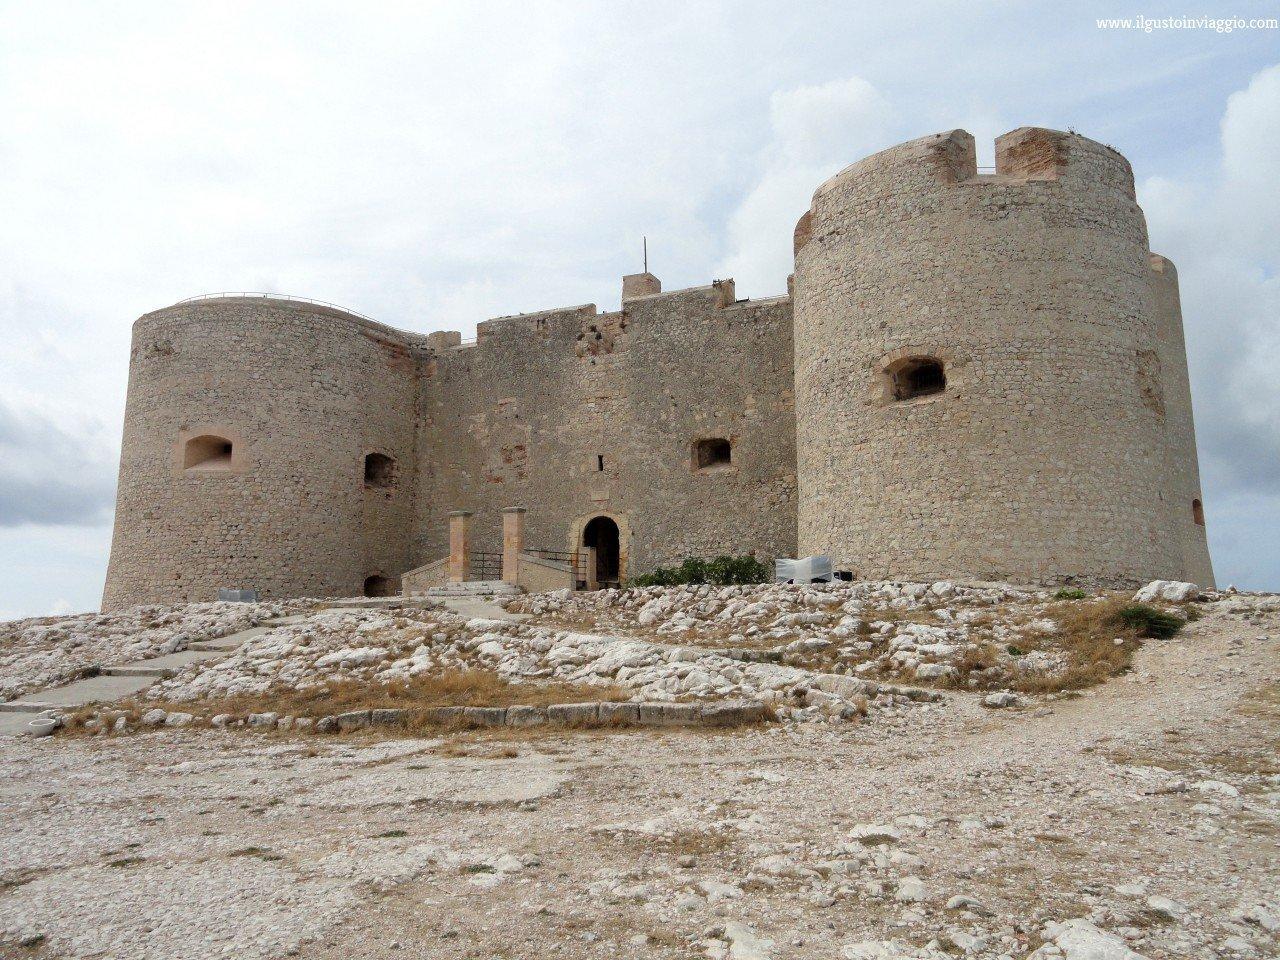 chateau d if, castello marsiglia, cosa vedere marsiglia, visita al chateau d'if